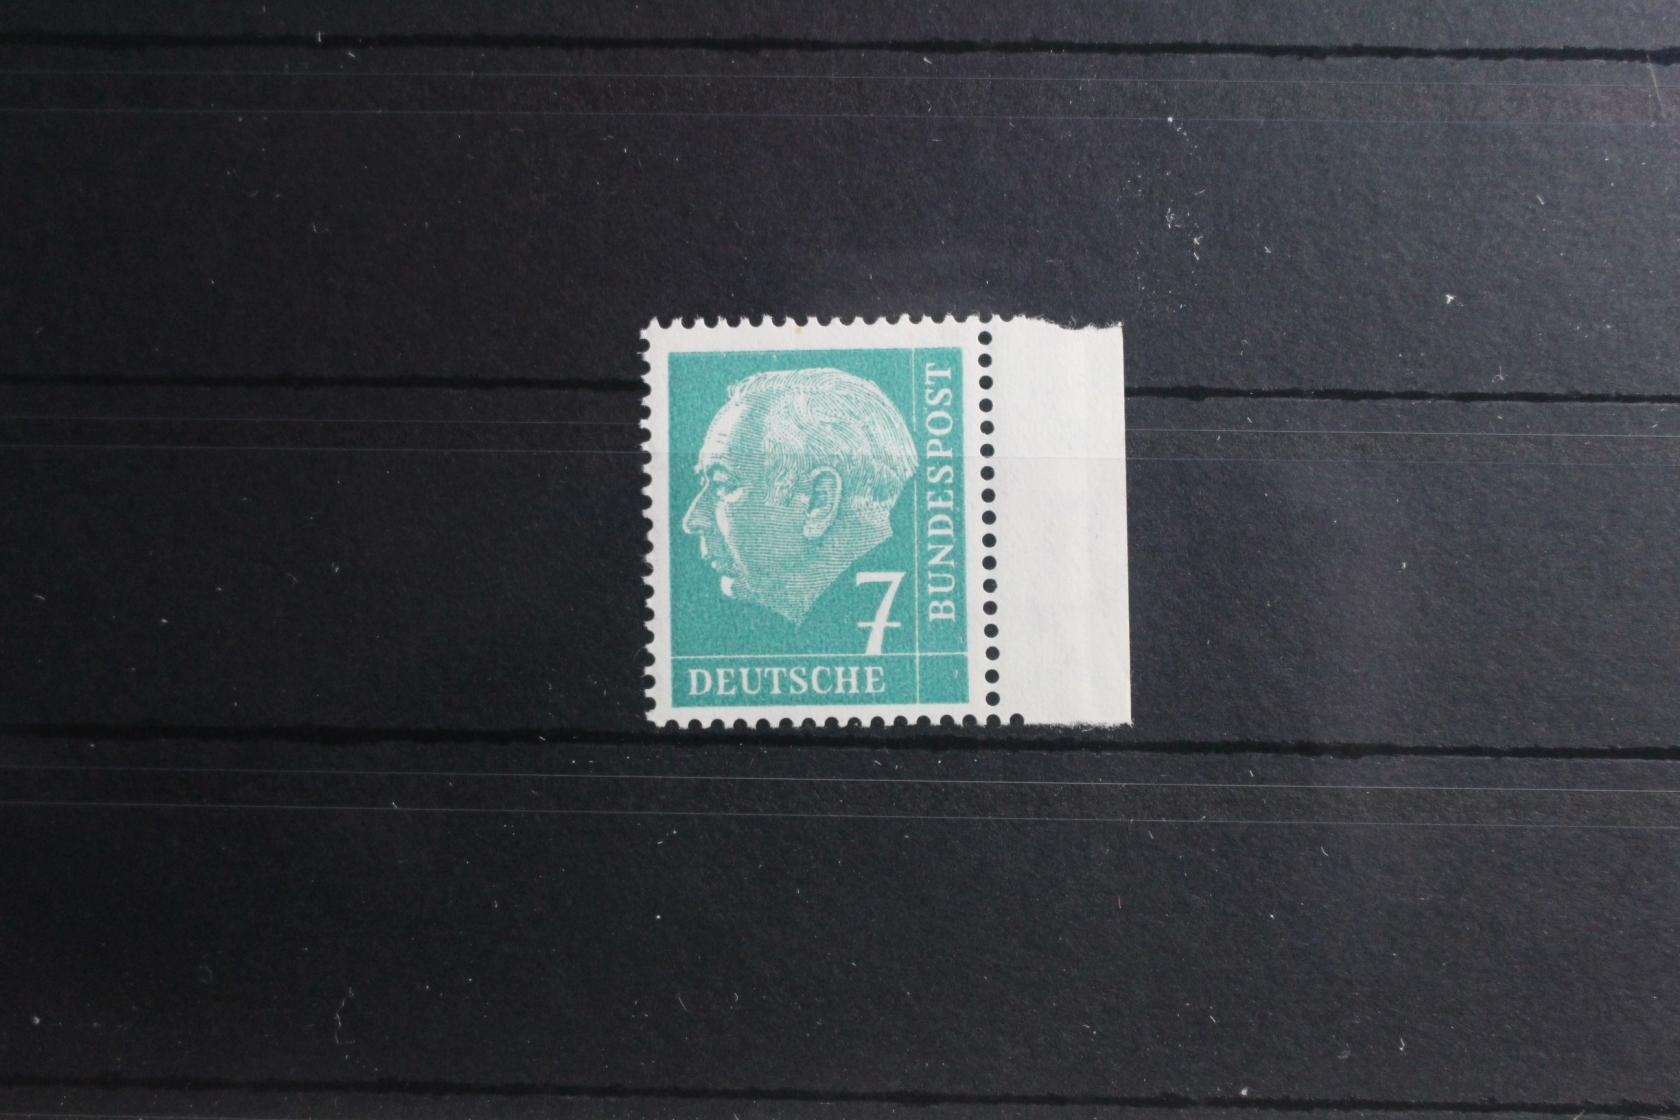 Nr 1051 Postfrisch Luxus!!! Brd 1980 Mi